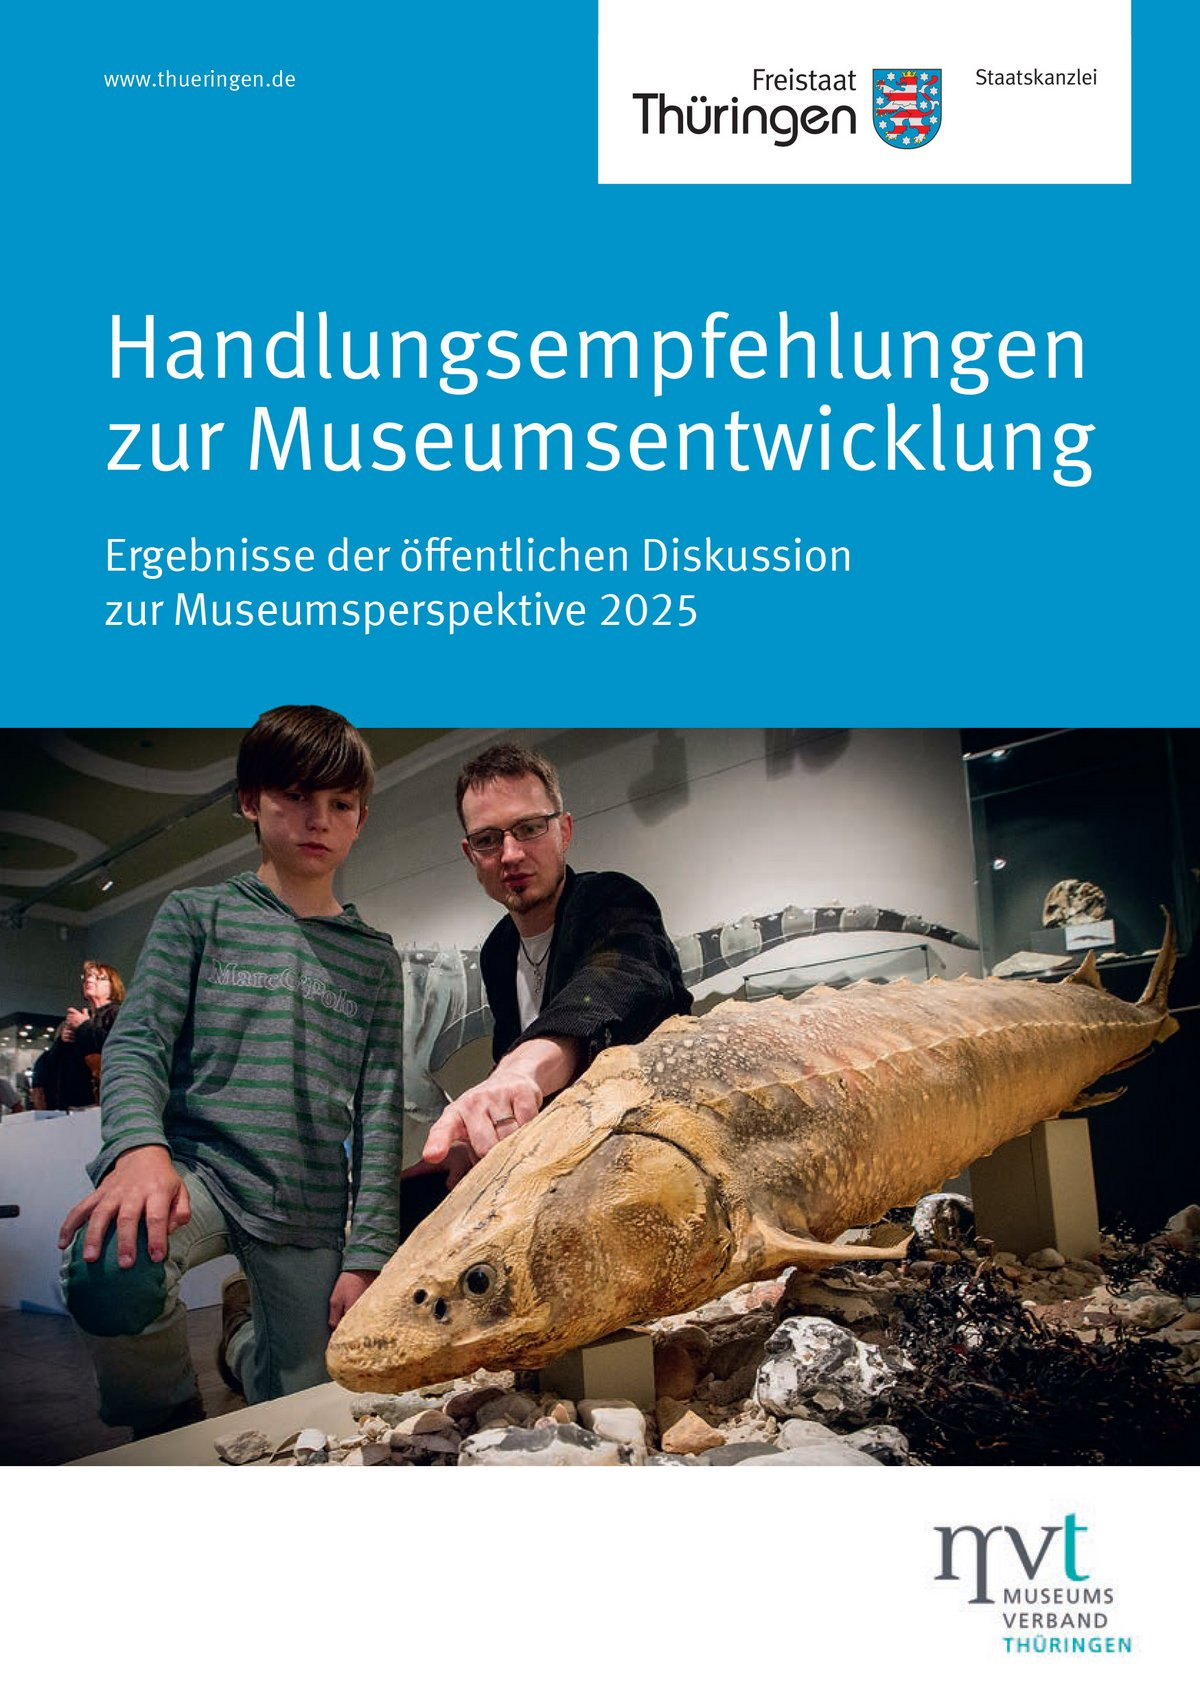 Die Broschüre für Handlungsempfehlungen im Museumsverband.